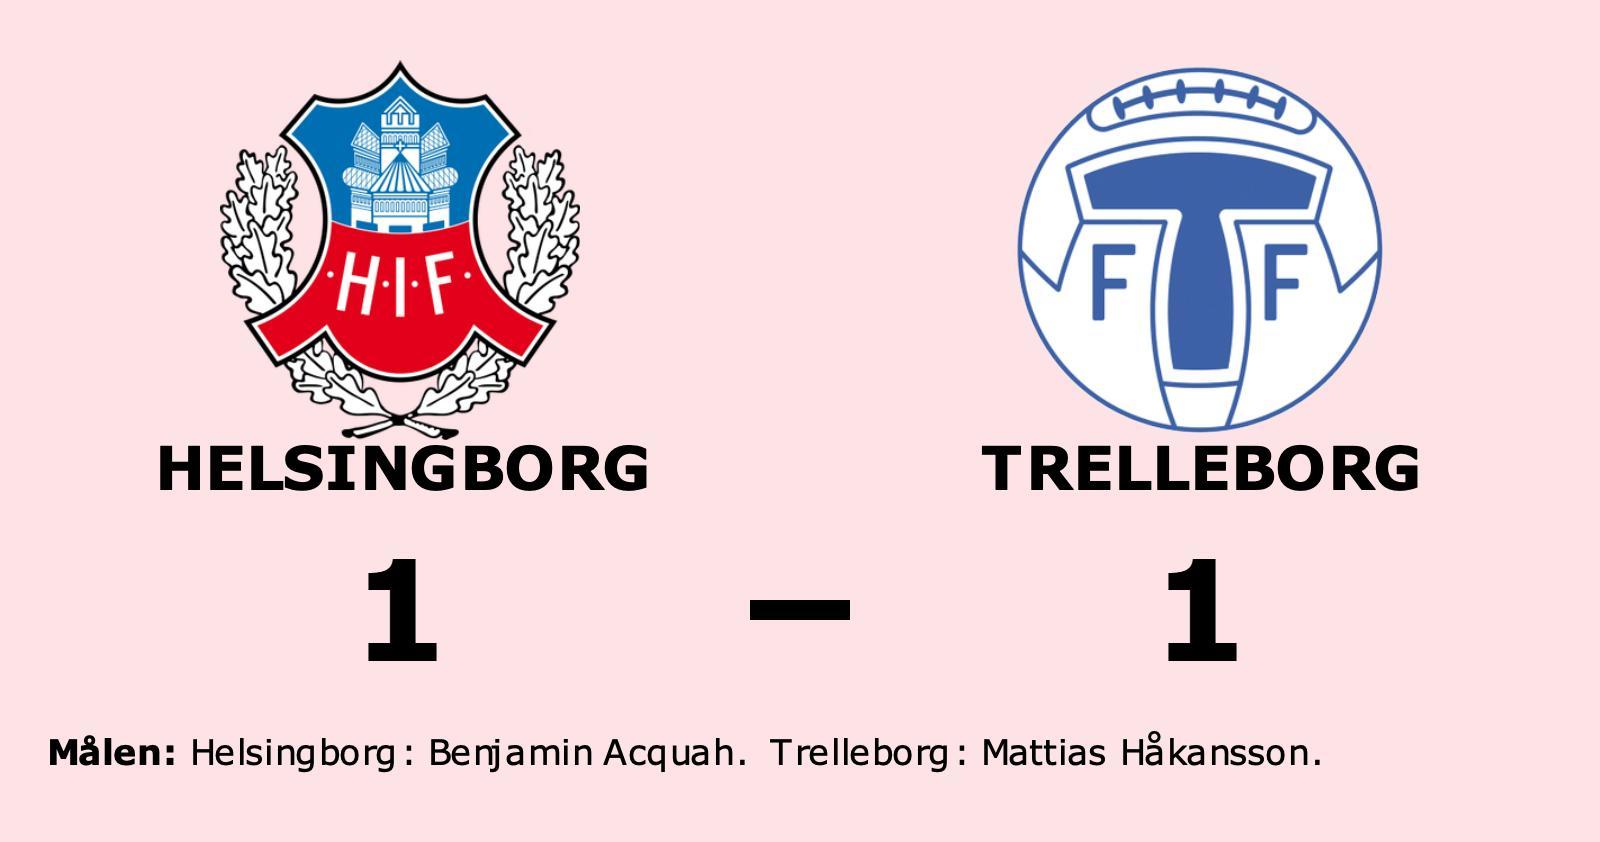 Oavgjort i toppmötet mellan Helsingborg och Trelleborg